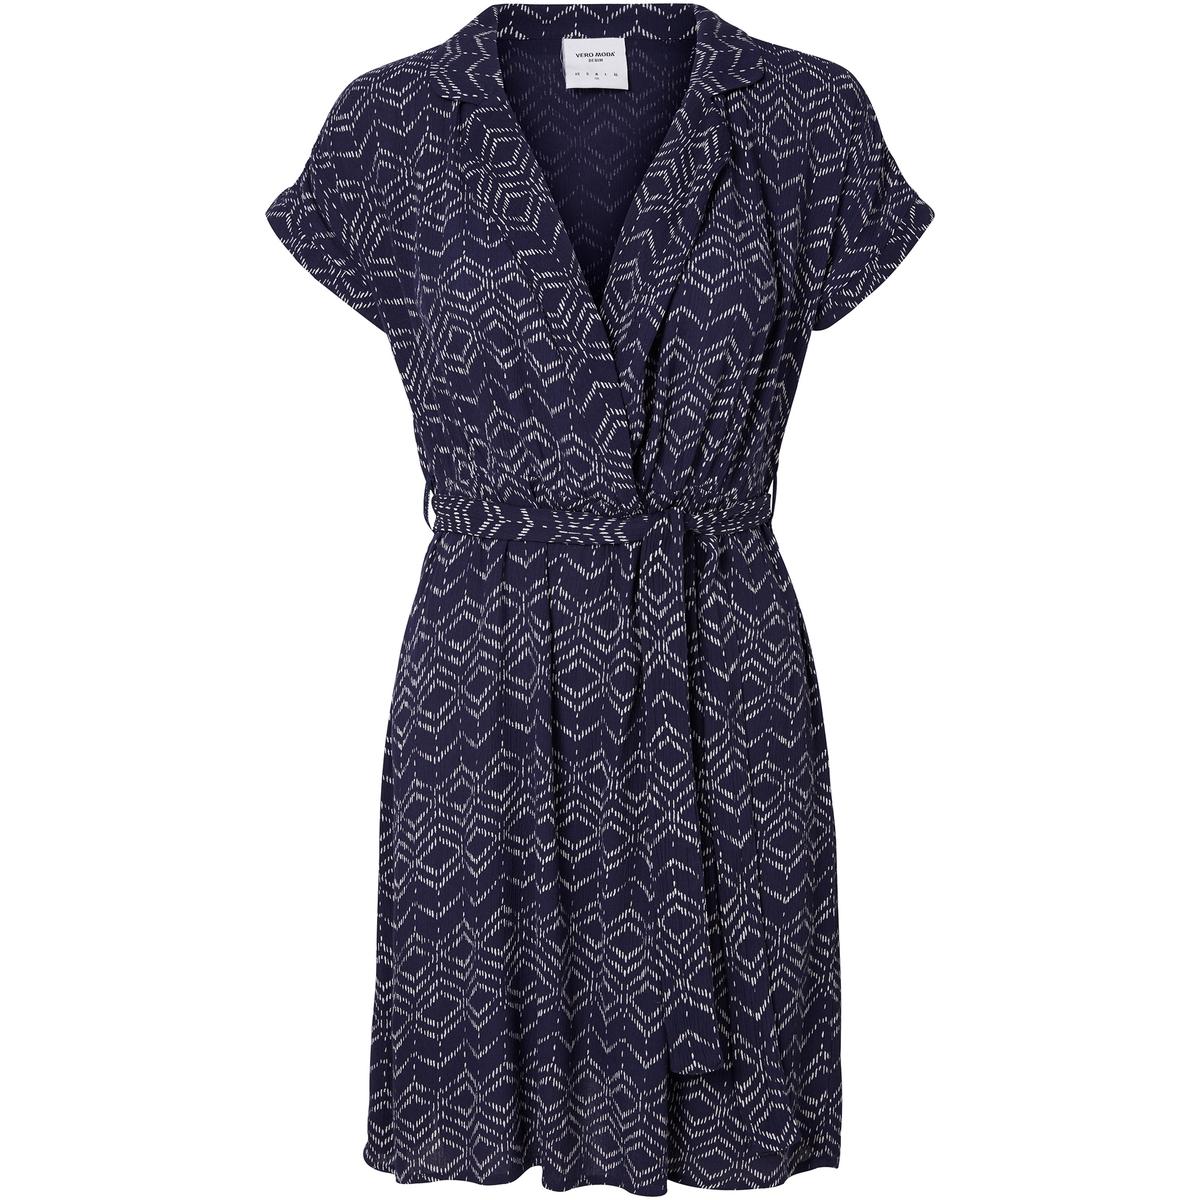 Платье в стиле каш-кер с короткими рукавамиМатериал : 100% вискоза   Длина рукава : короткие рукава   Форма воротника : V-образный вырез  Покрой платья : расклешенное платье  Рисунок : принт    Длина платья : до колен<br><br>Цвет: темно-синий/рисунок<br>Размер: XS.L